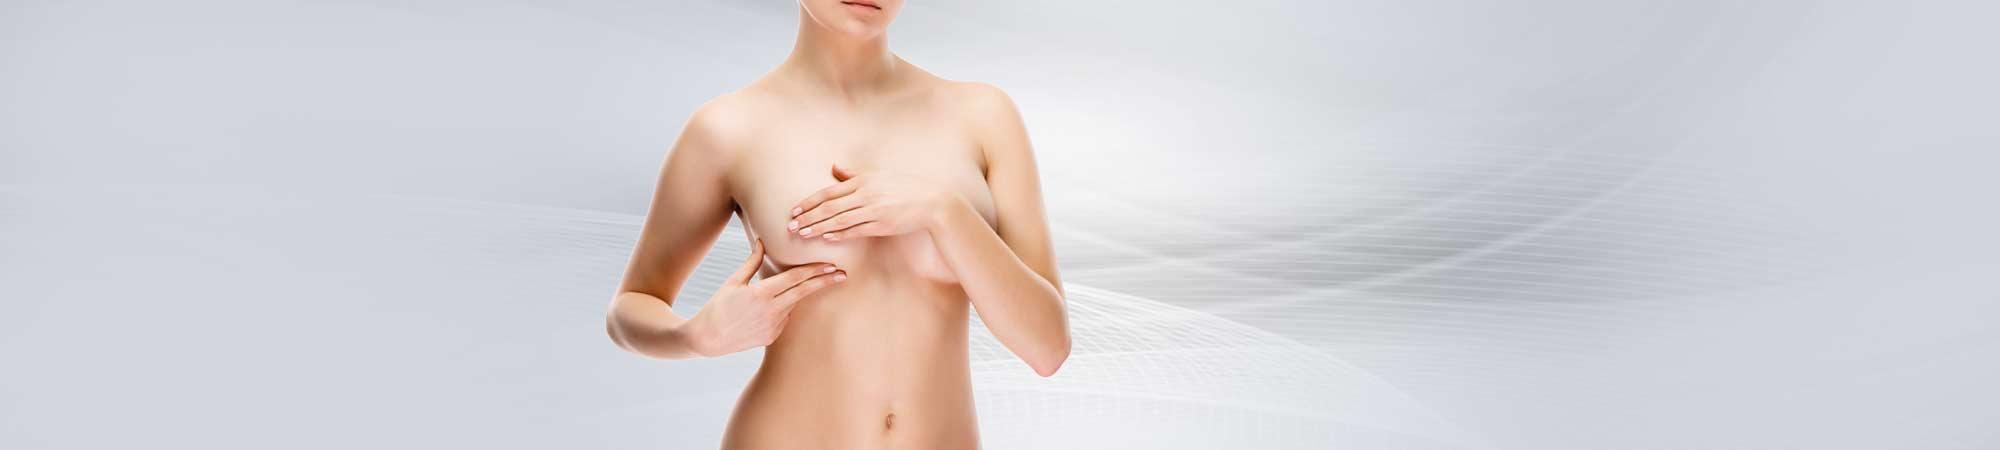 Augmentation de la poitrine Dr Benzaken